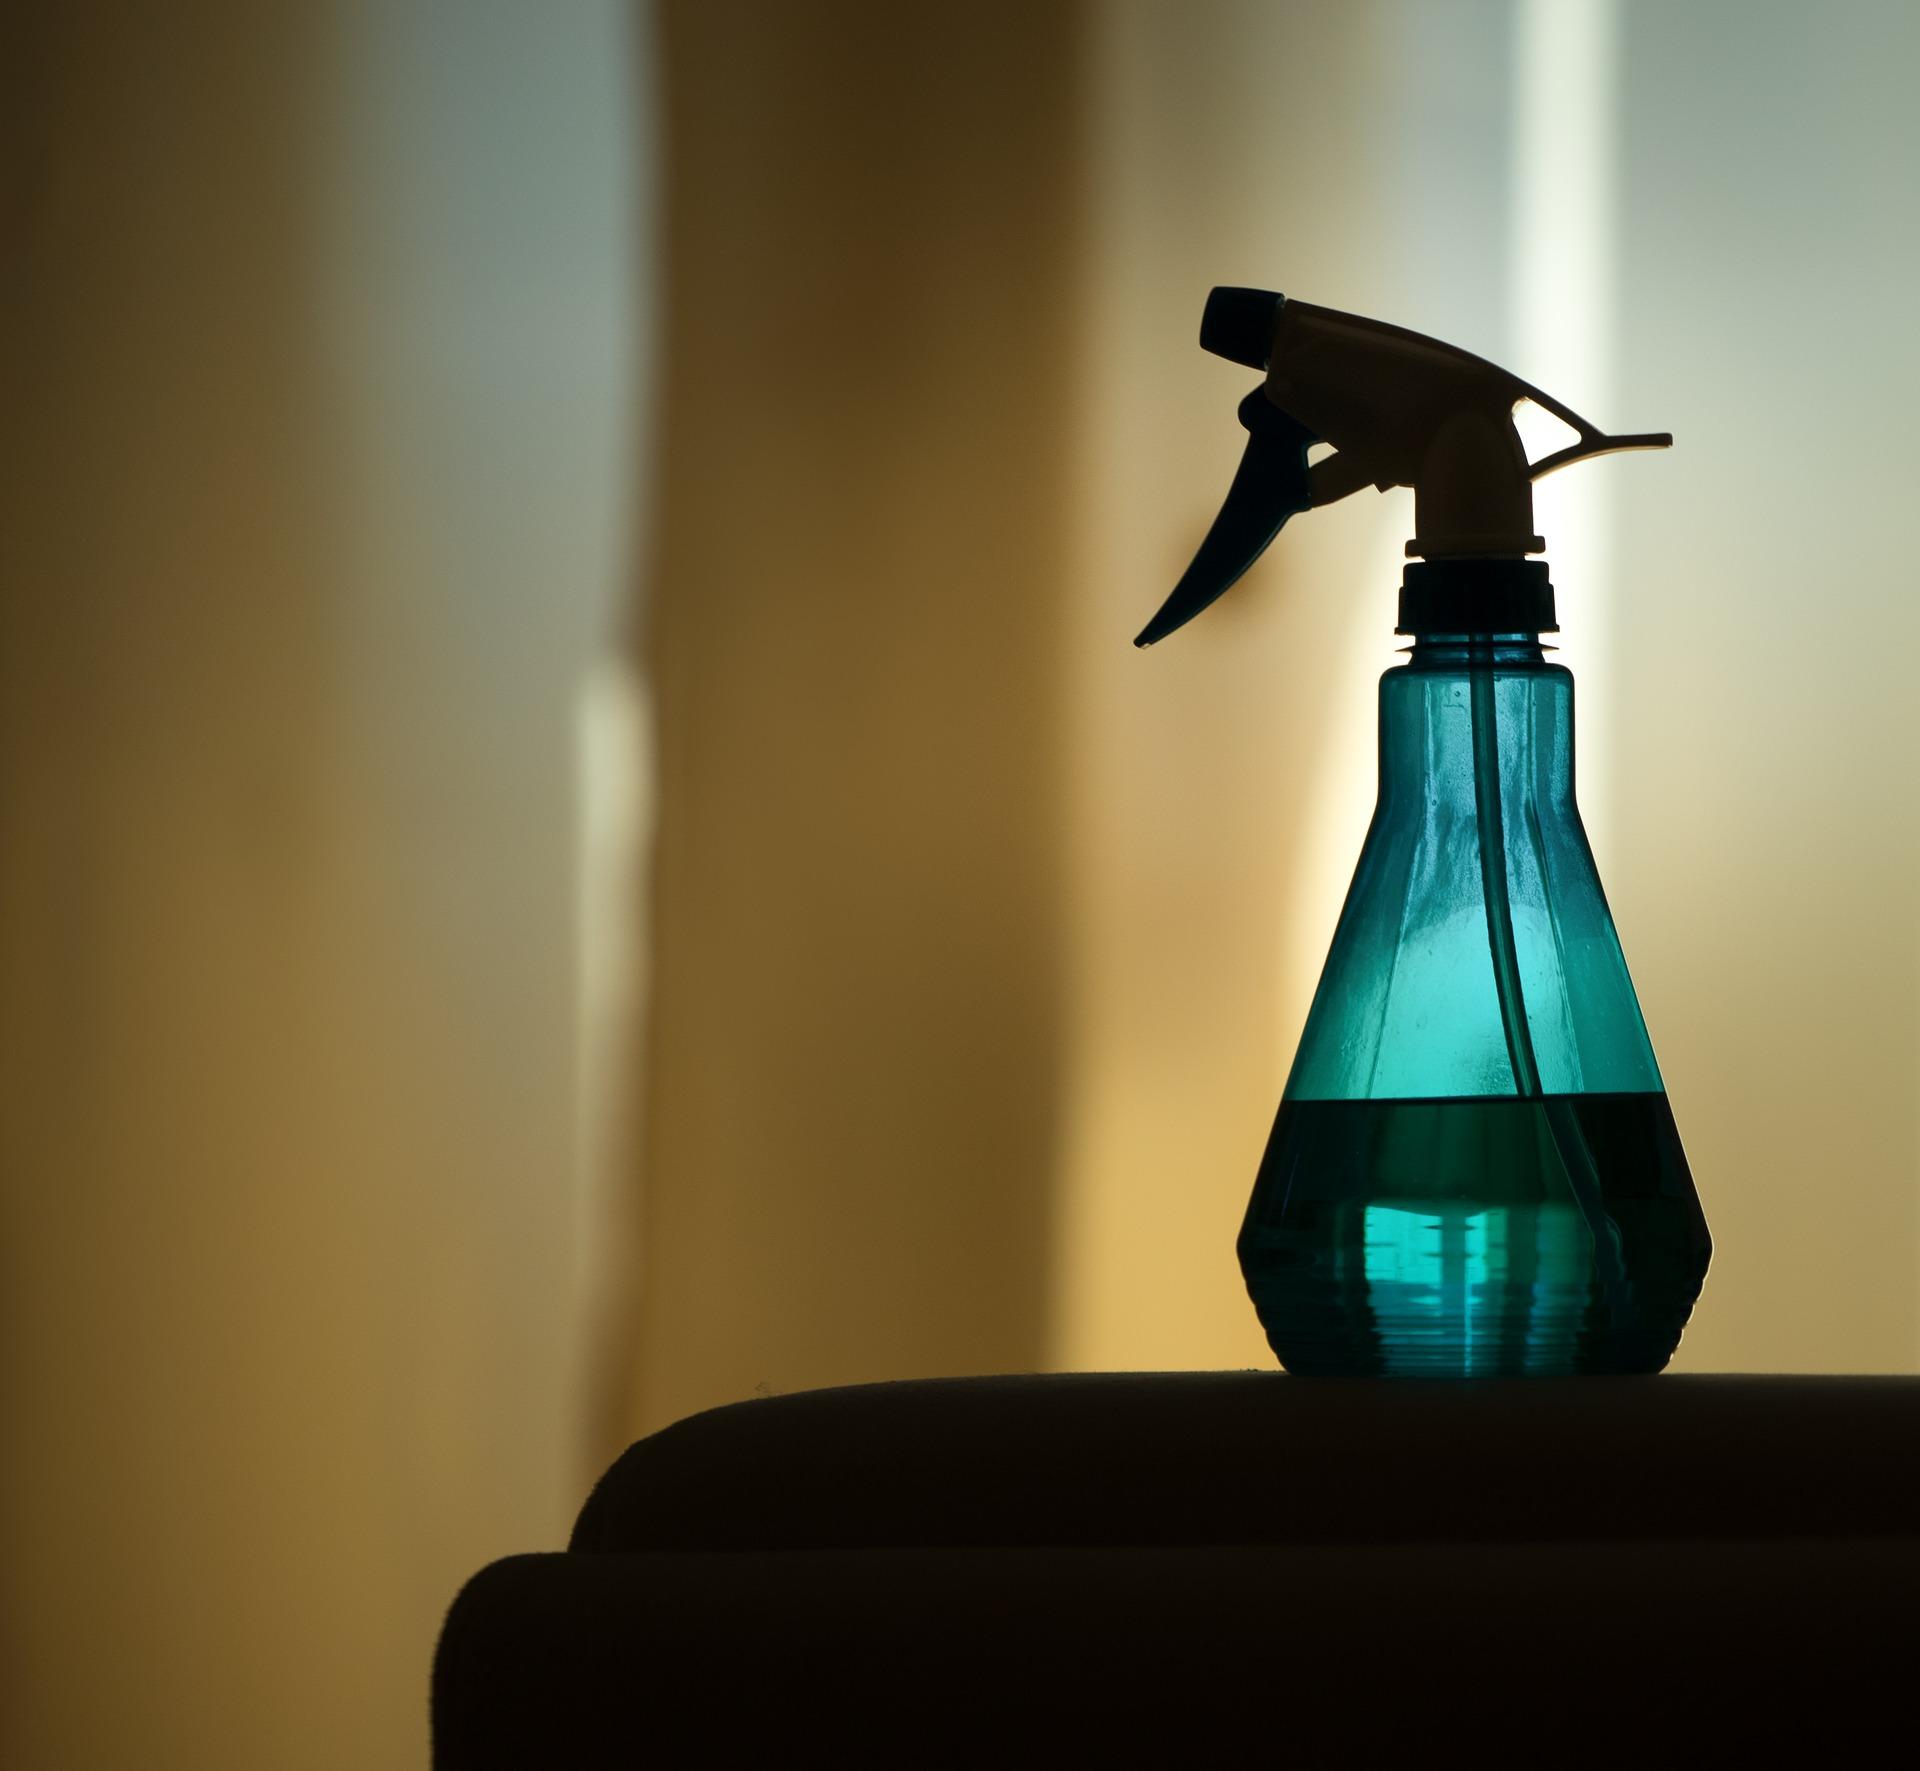 Glasduschen reinigen: die besten Tipps und Tricks | TEUSCHER